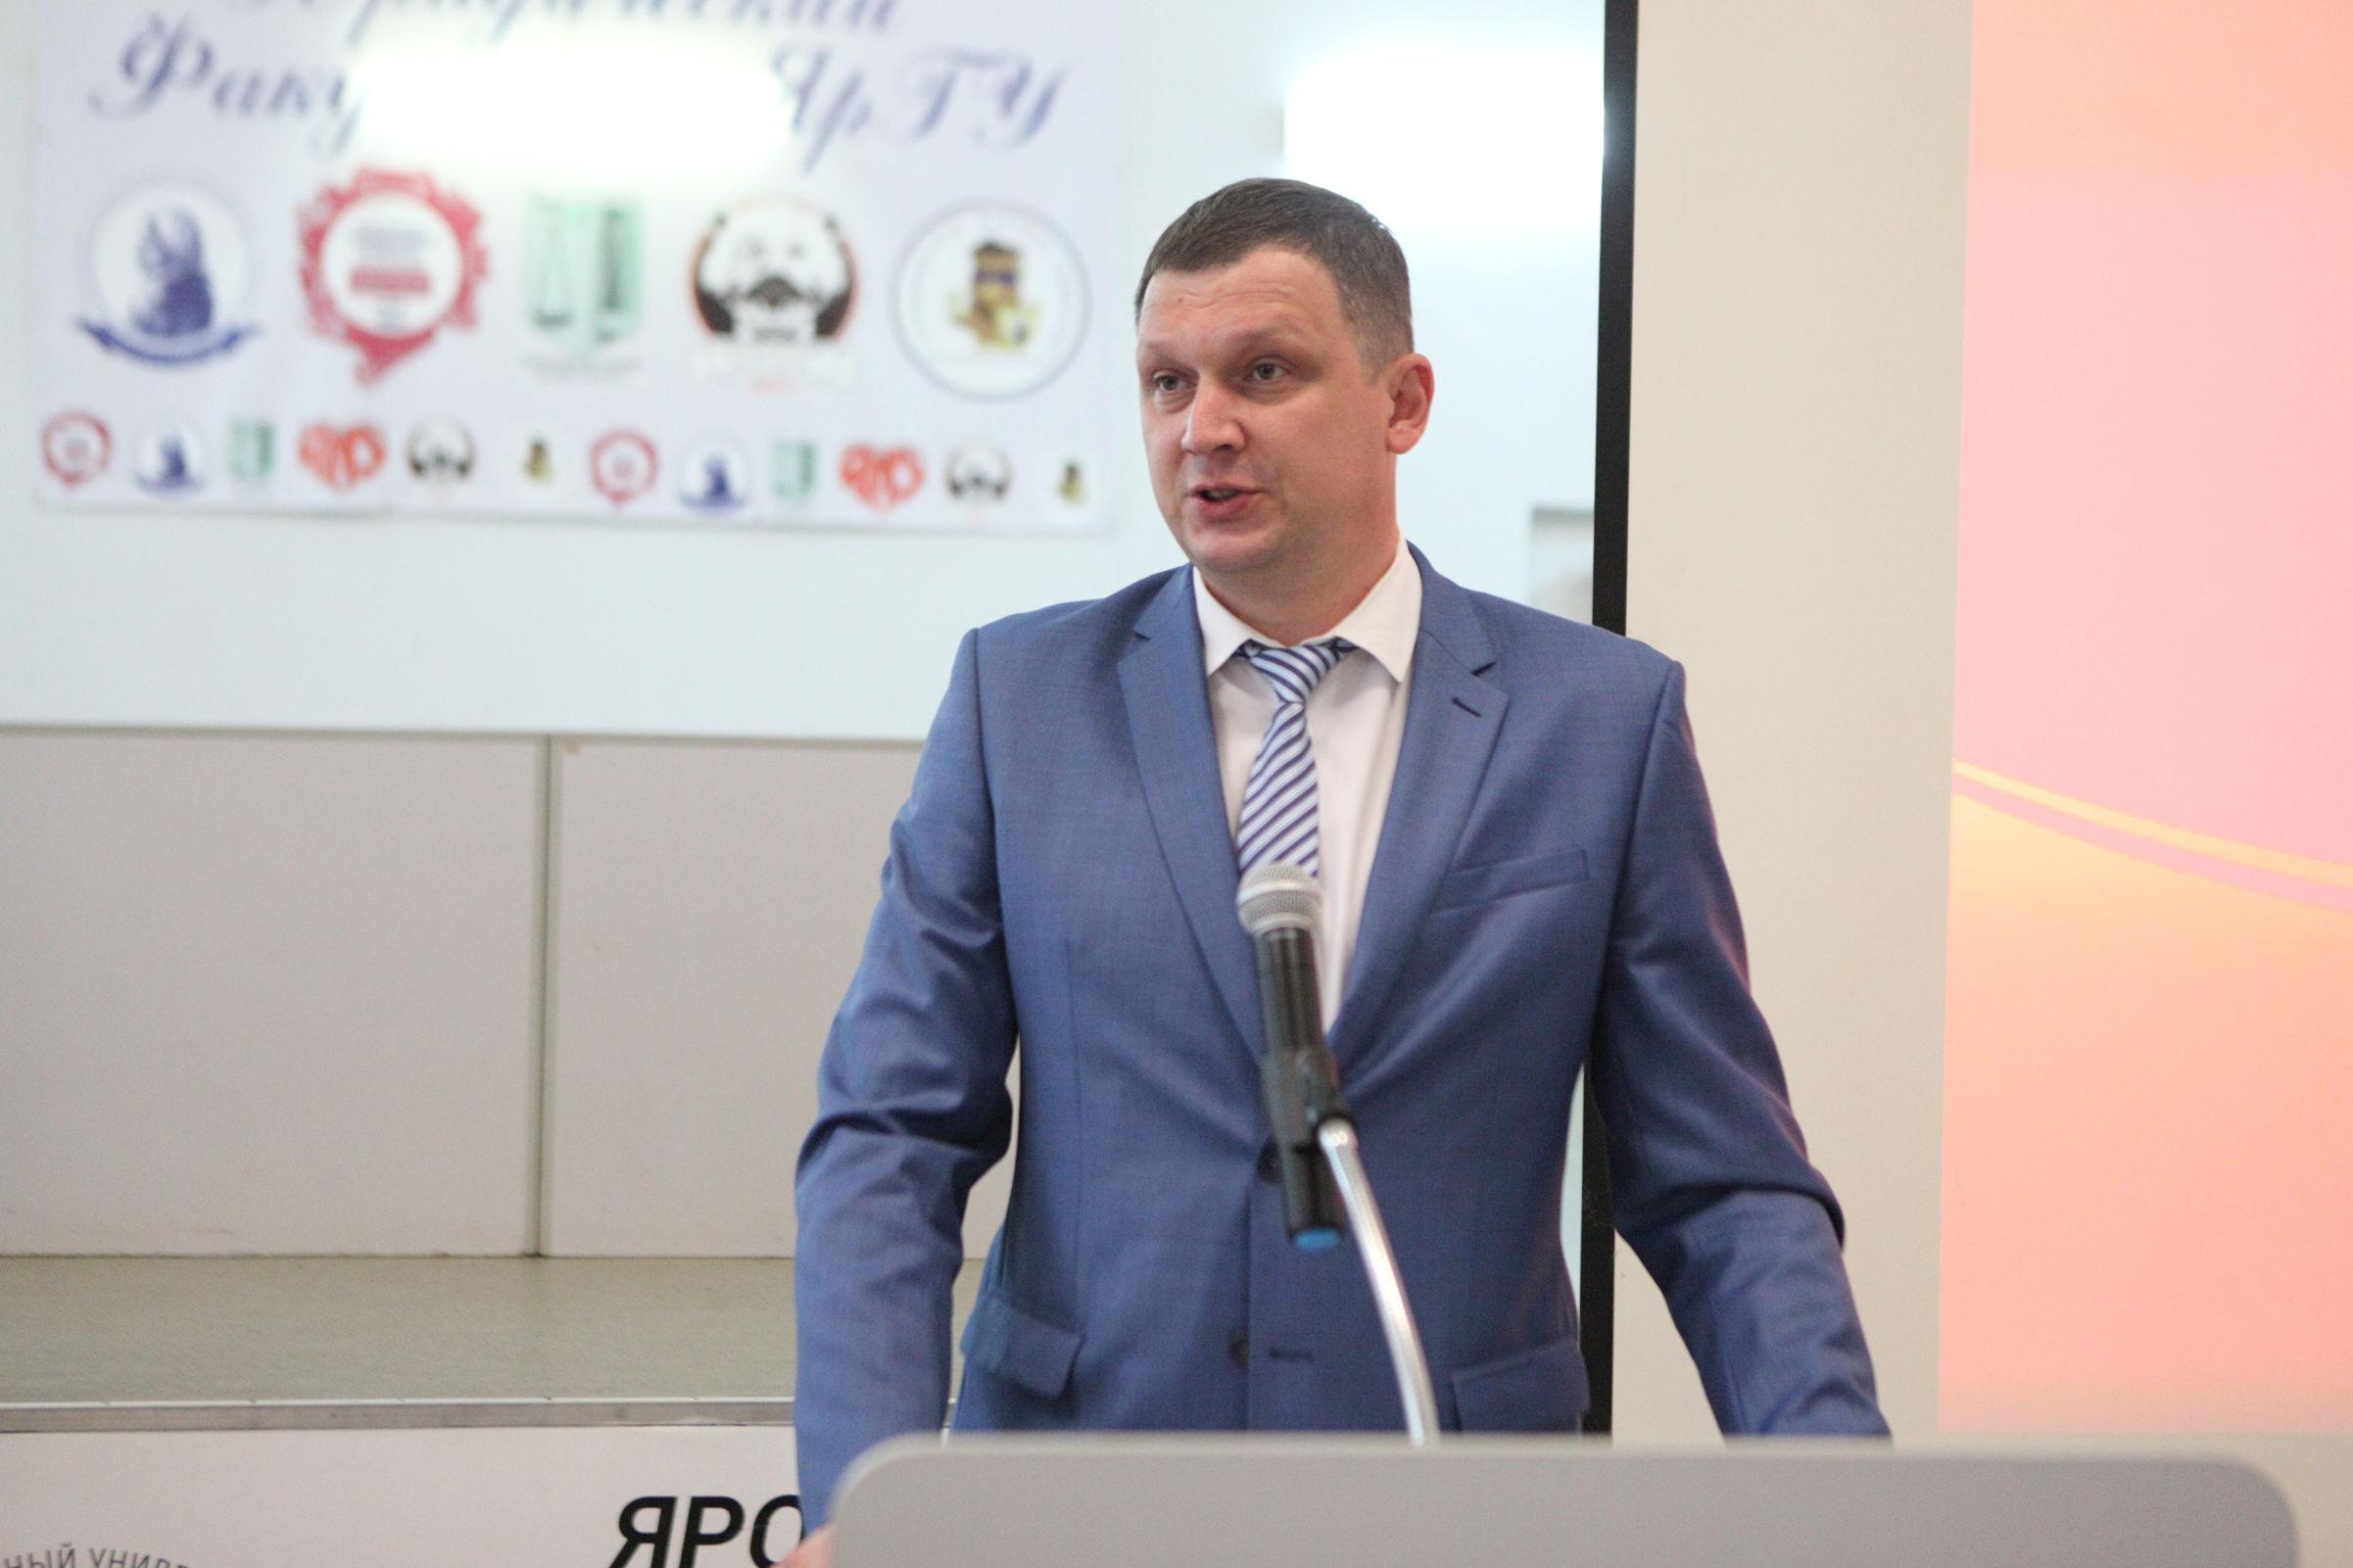 Председатель Общественной палаты Сергей Соловьев: за последние годы ситуация с обманутыми дольщиками кардинально изменилась